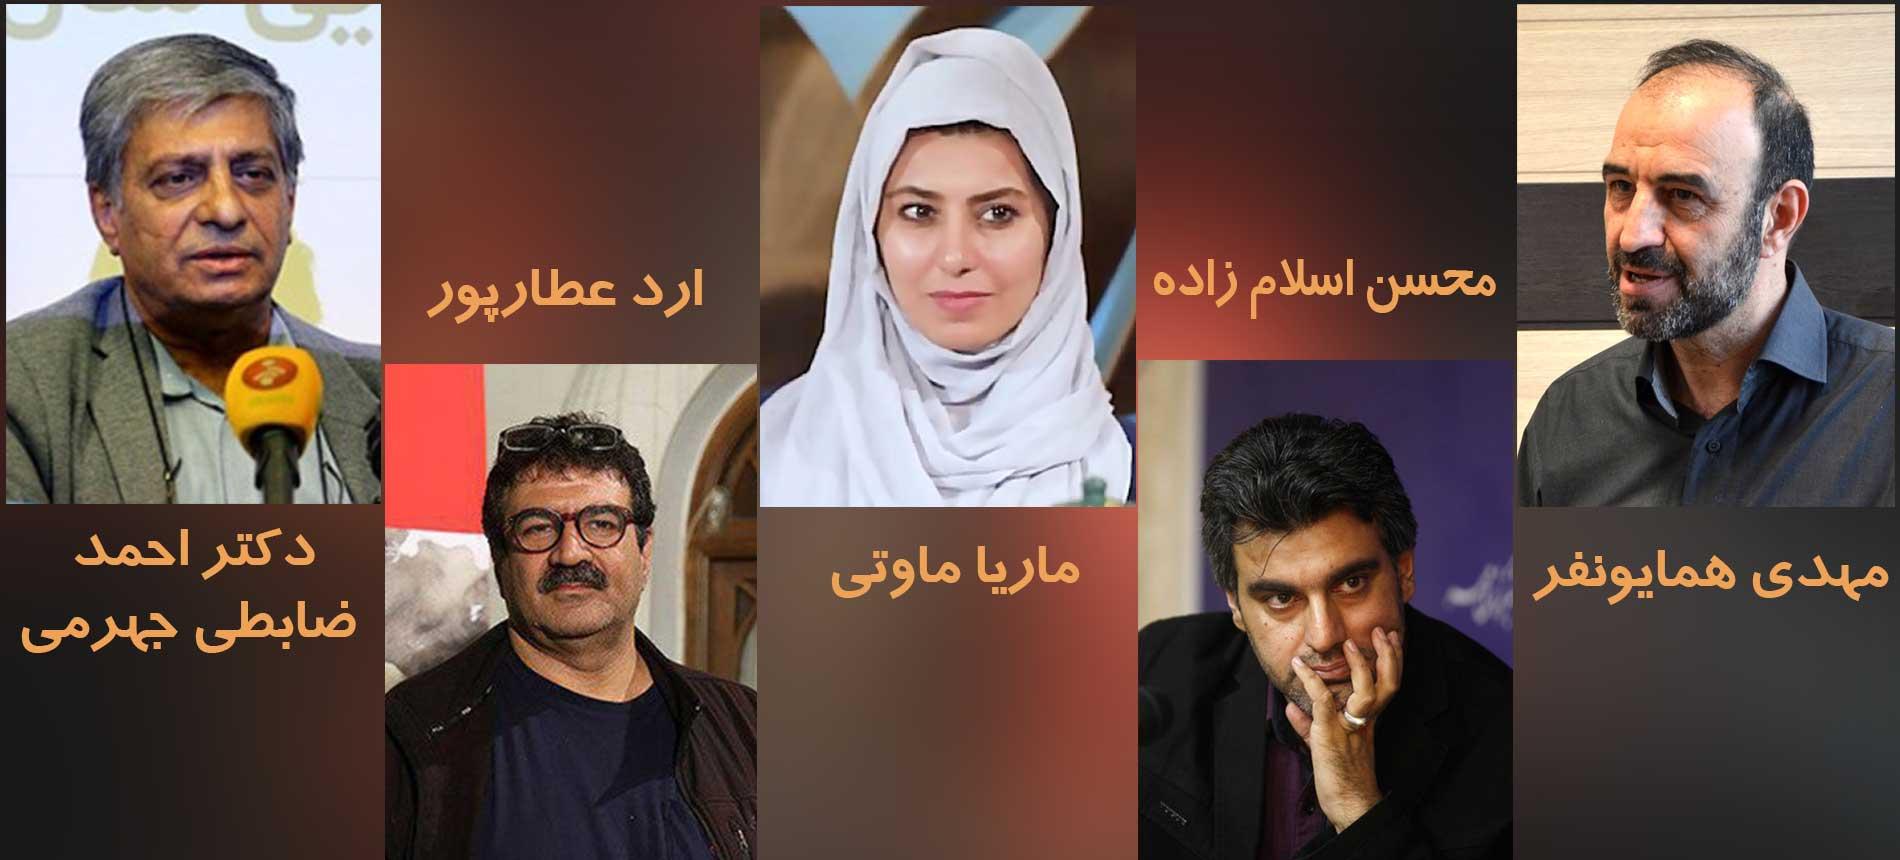 معرفی داوران سومین دوره جشنواره تلویزیونی مستند در بخش فیلم